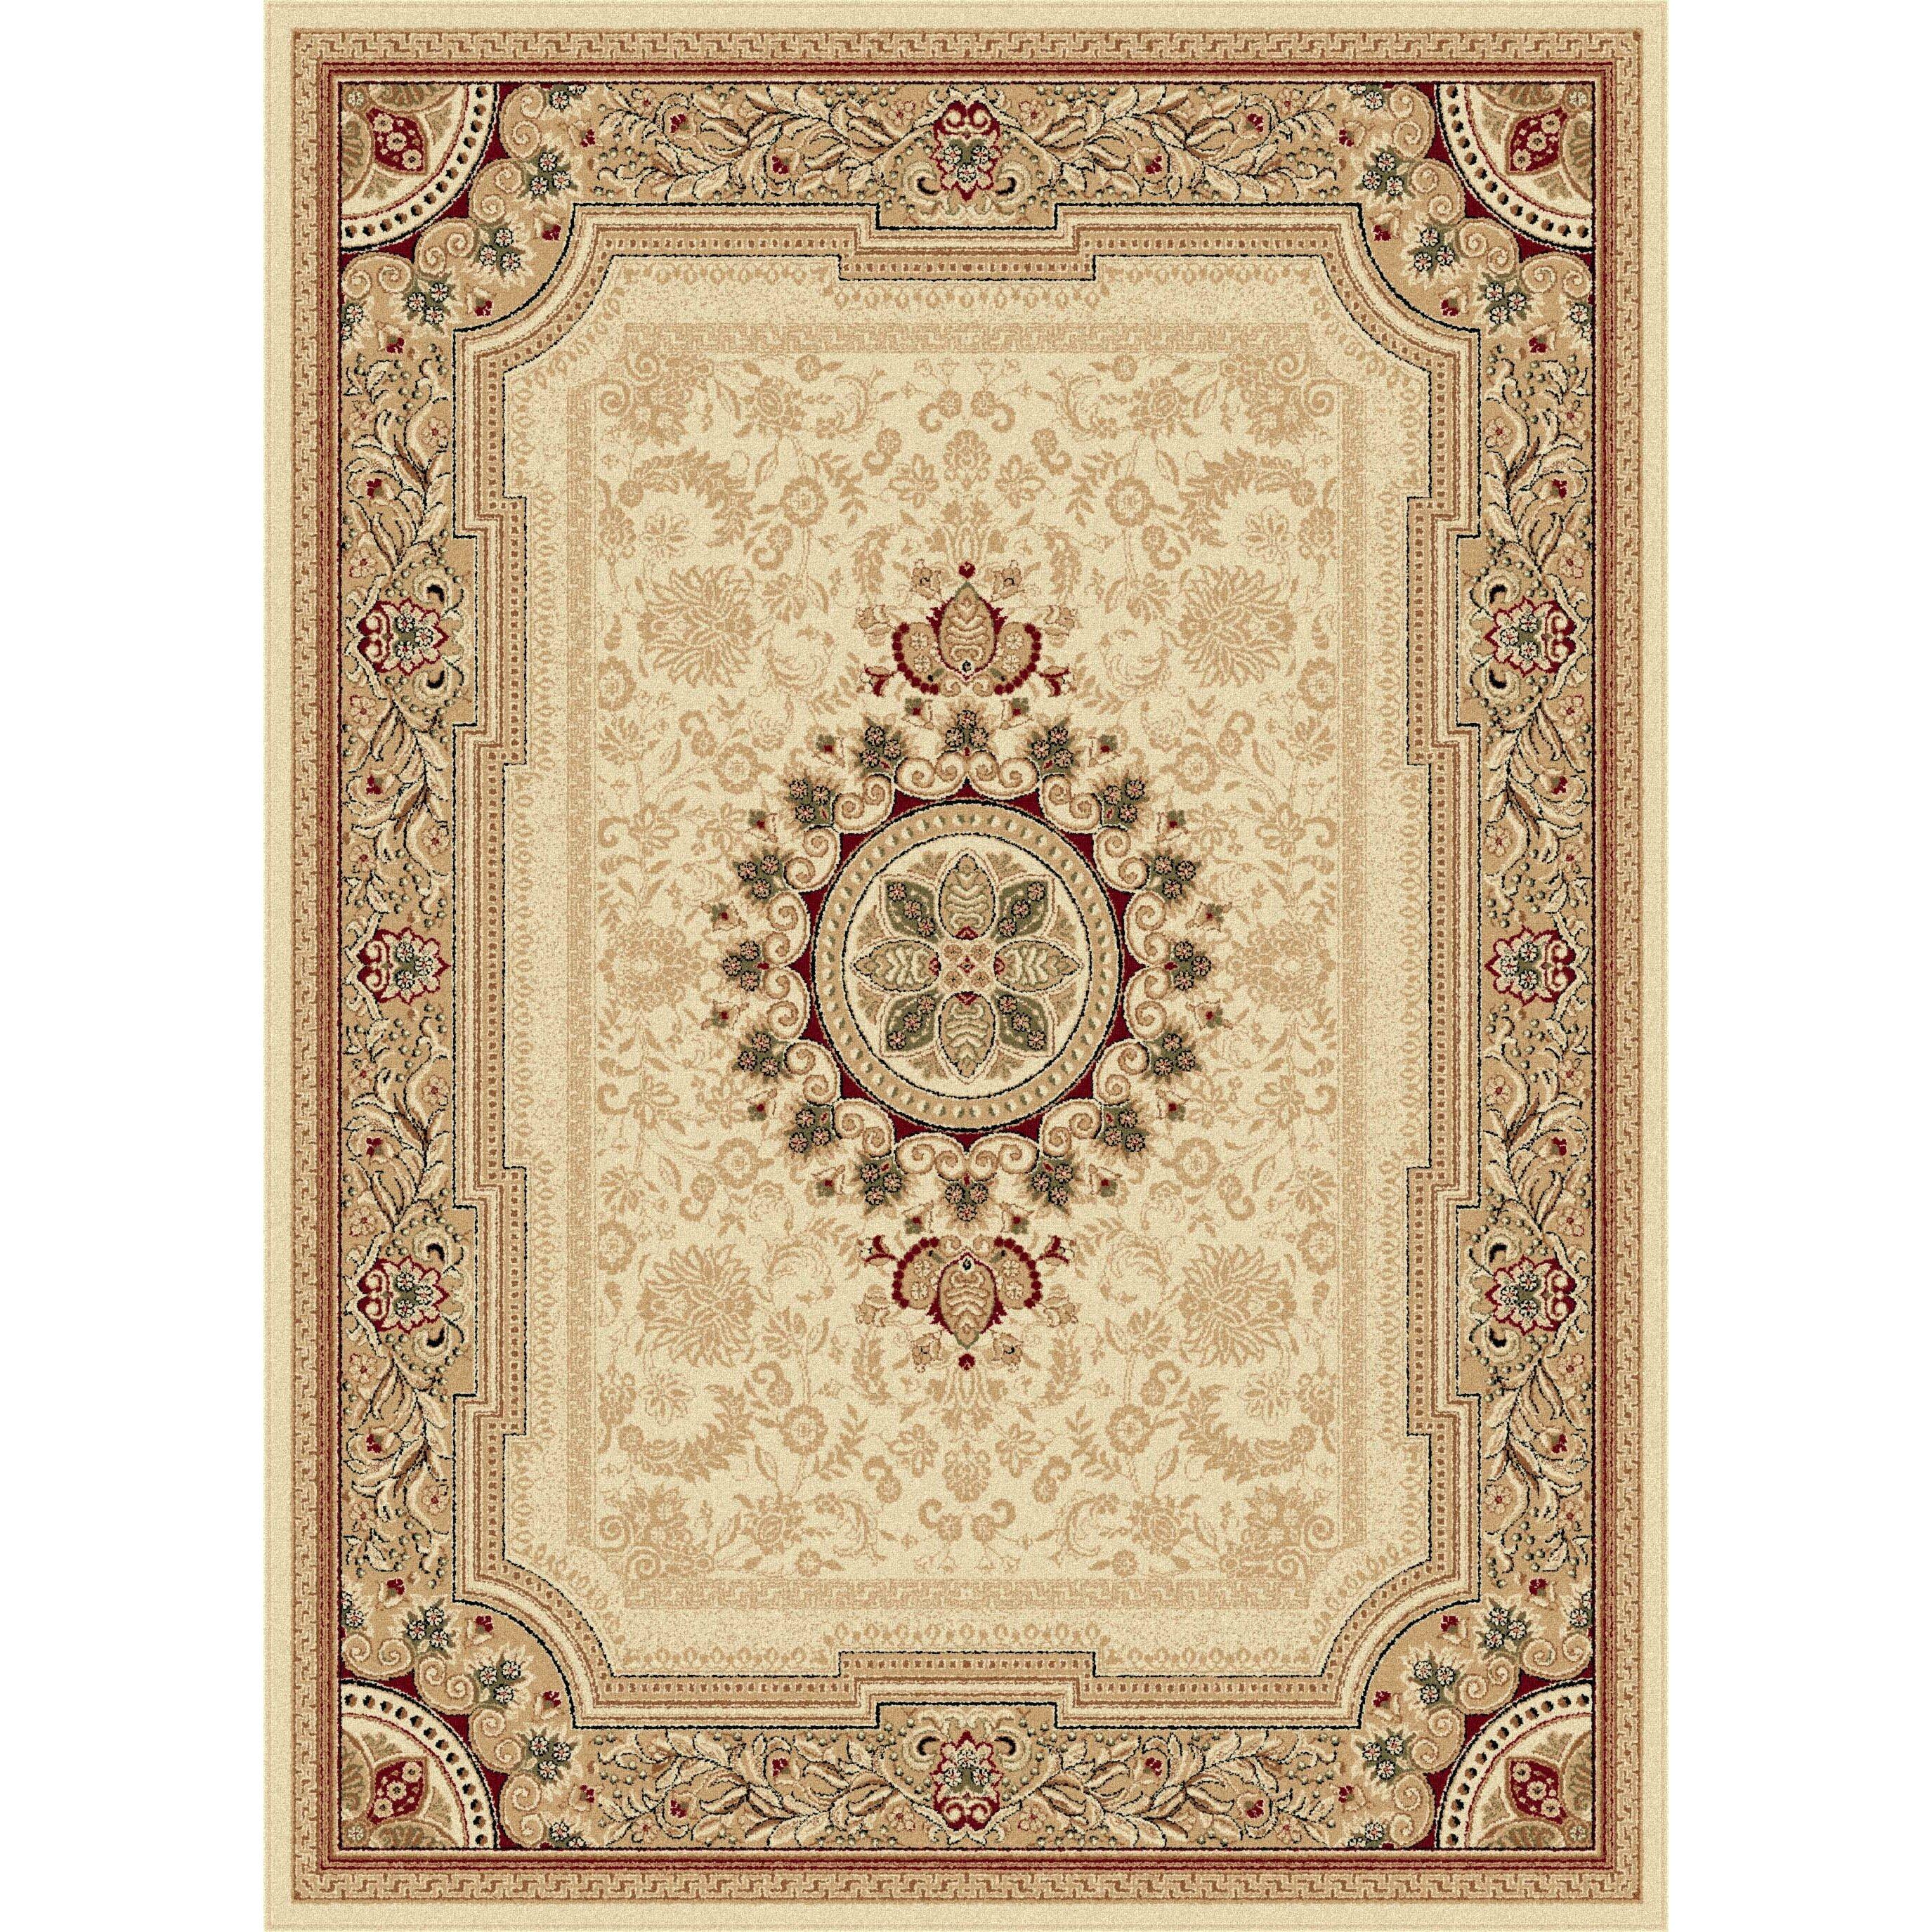 Area Rug Persian 9x12 Oriental Carpet Ivory Wool: TayseRugs Sensation Ivory Oriental Rug & Reviews